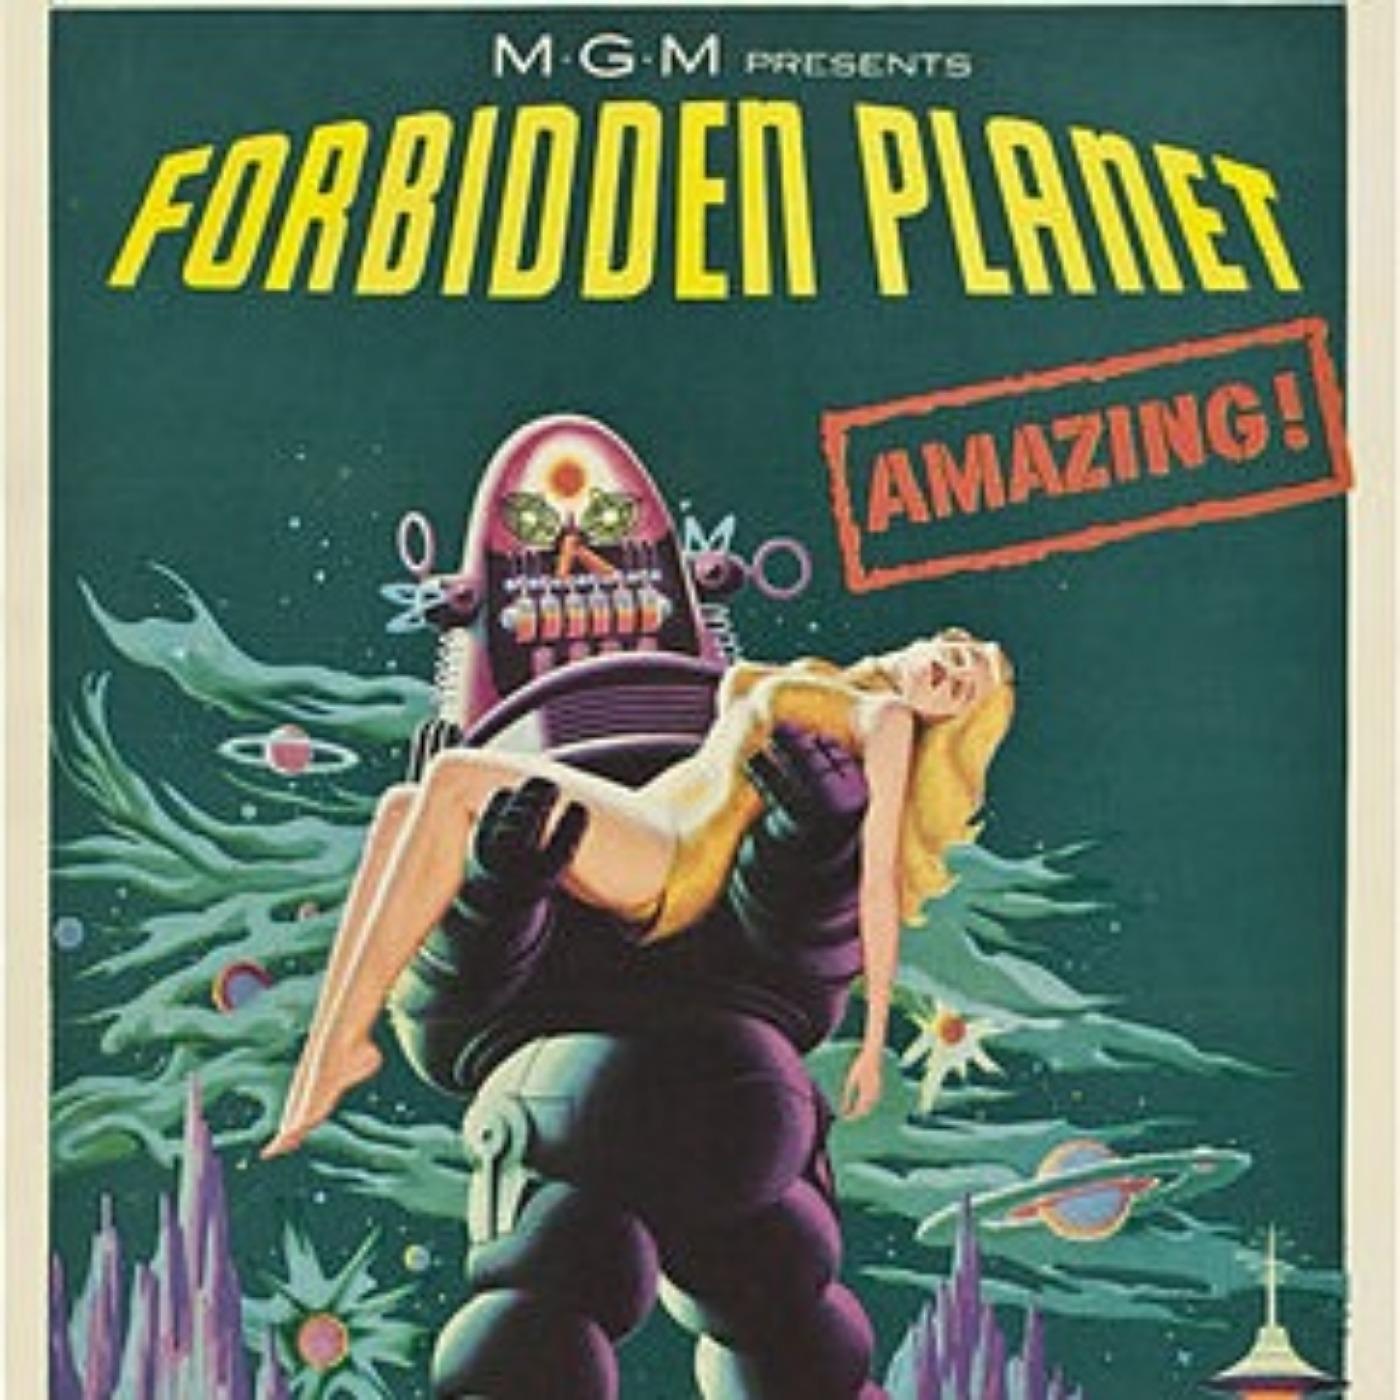 Un film de Science-Fiction culte : Planète Interdite